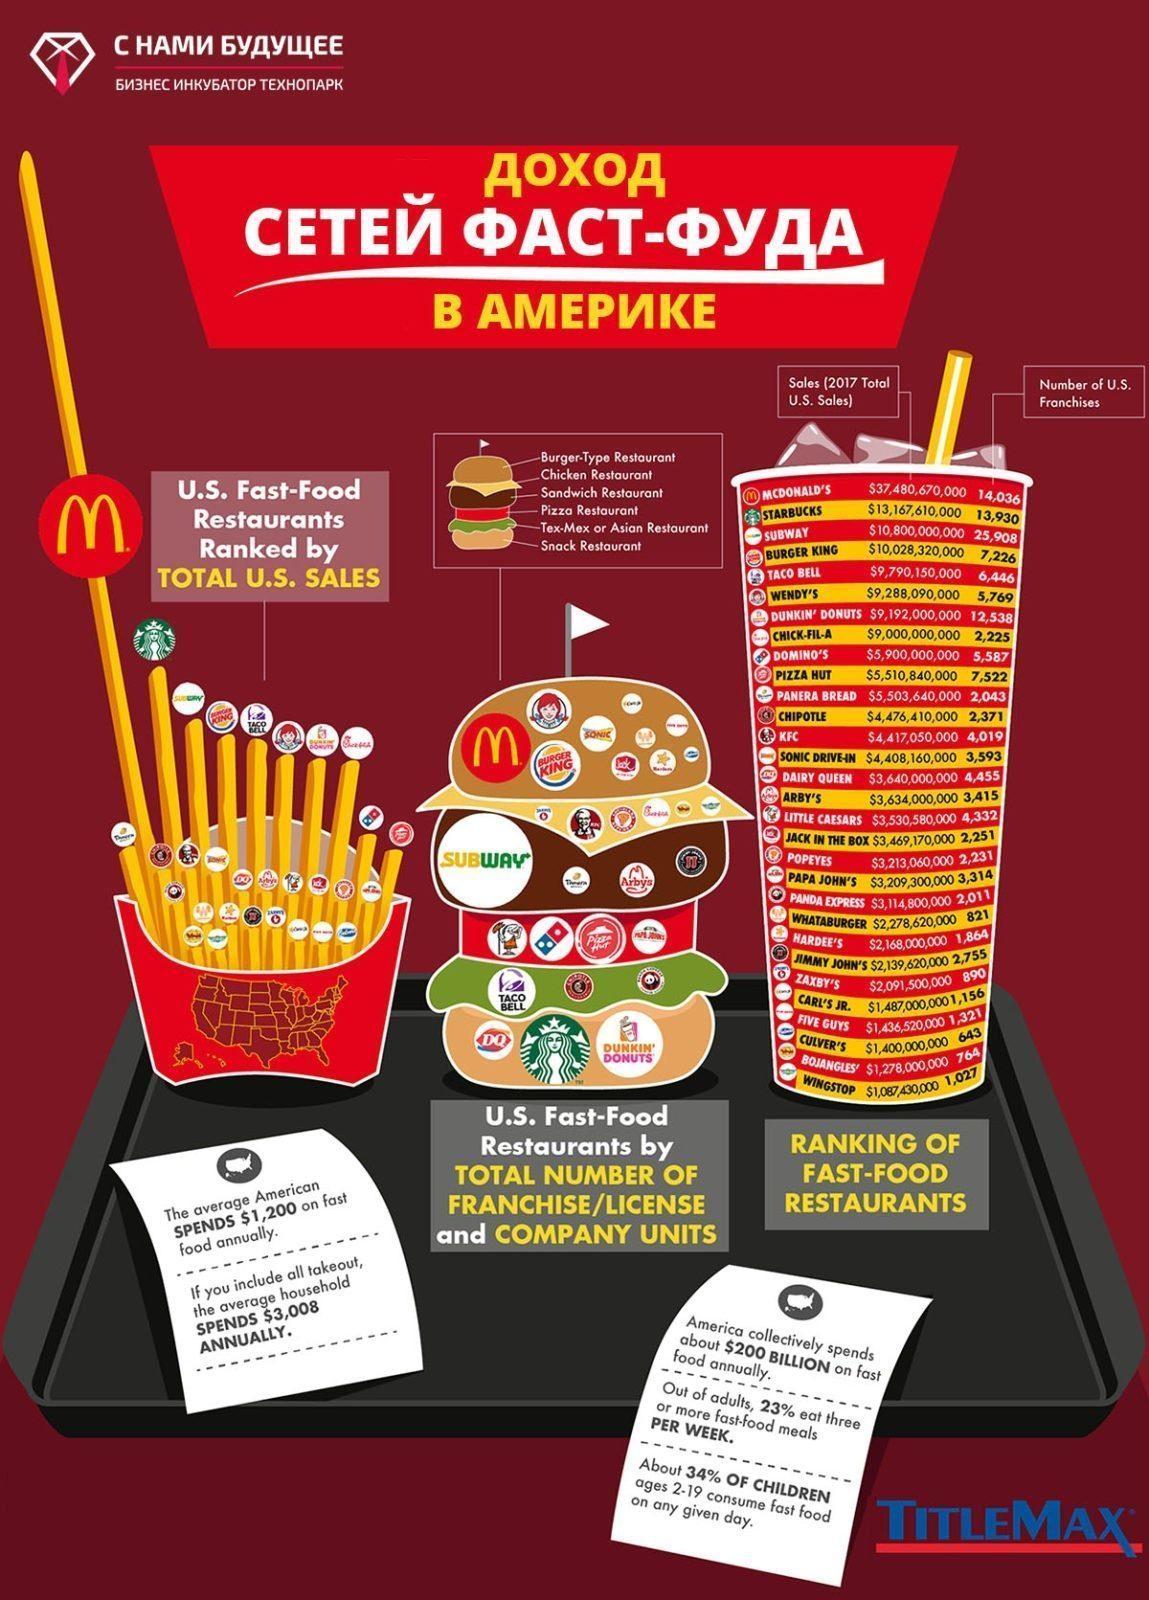 доход и рейтинг сетей фаст-фуда франшиз ресторанов быстрого питания